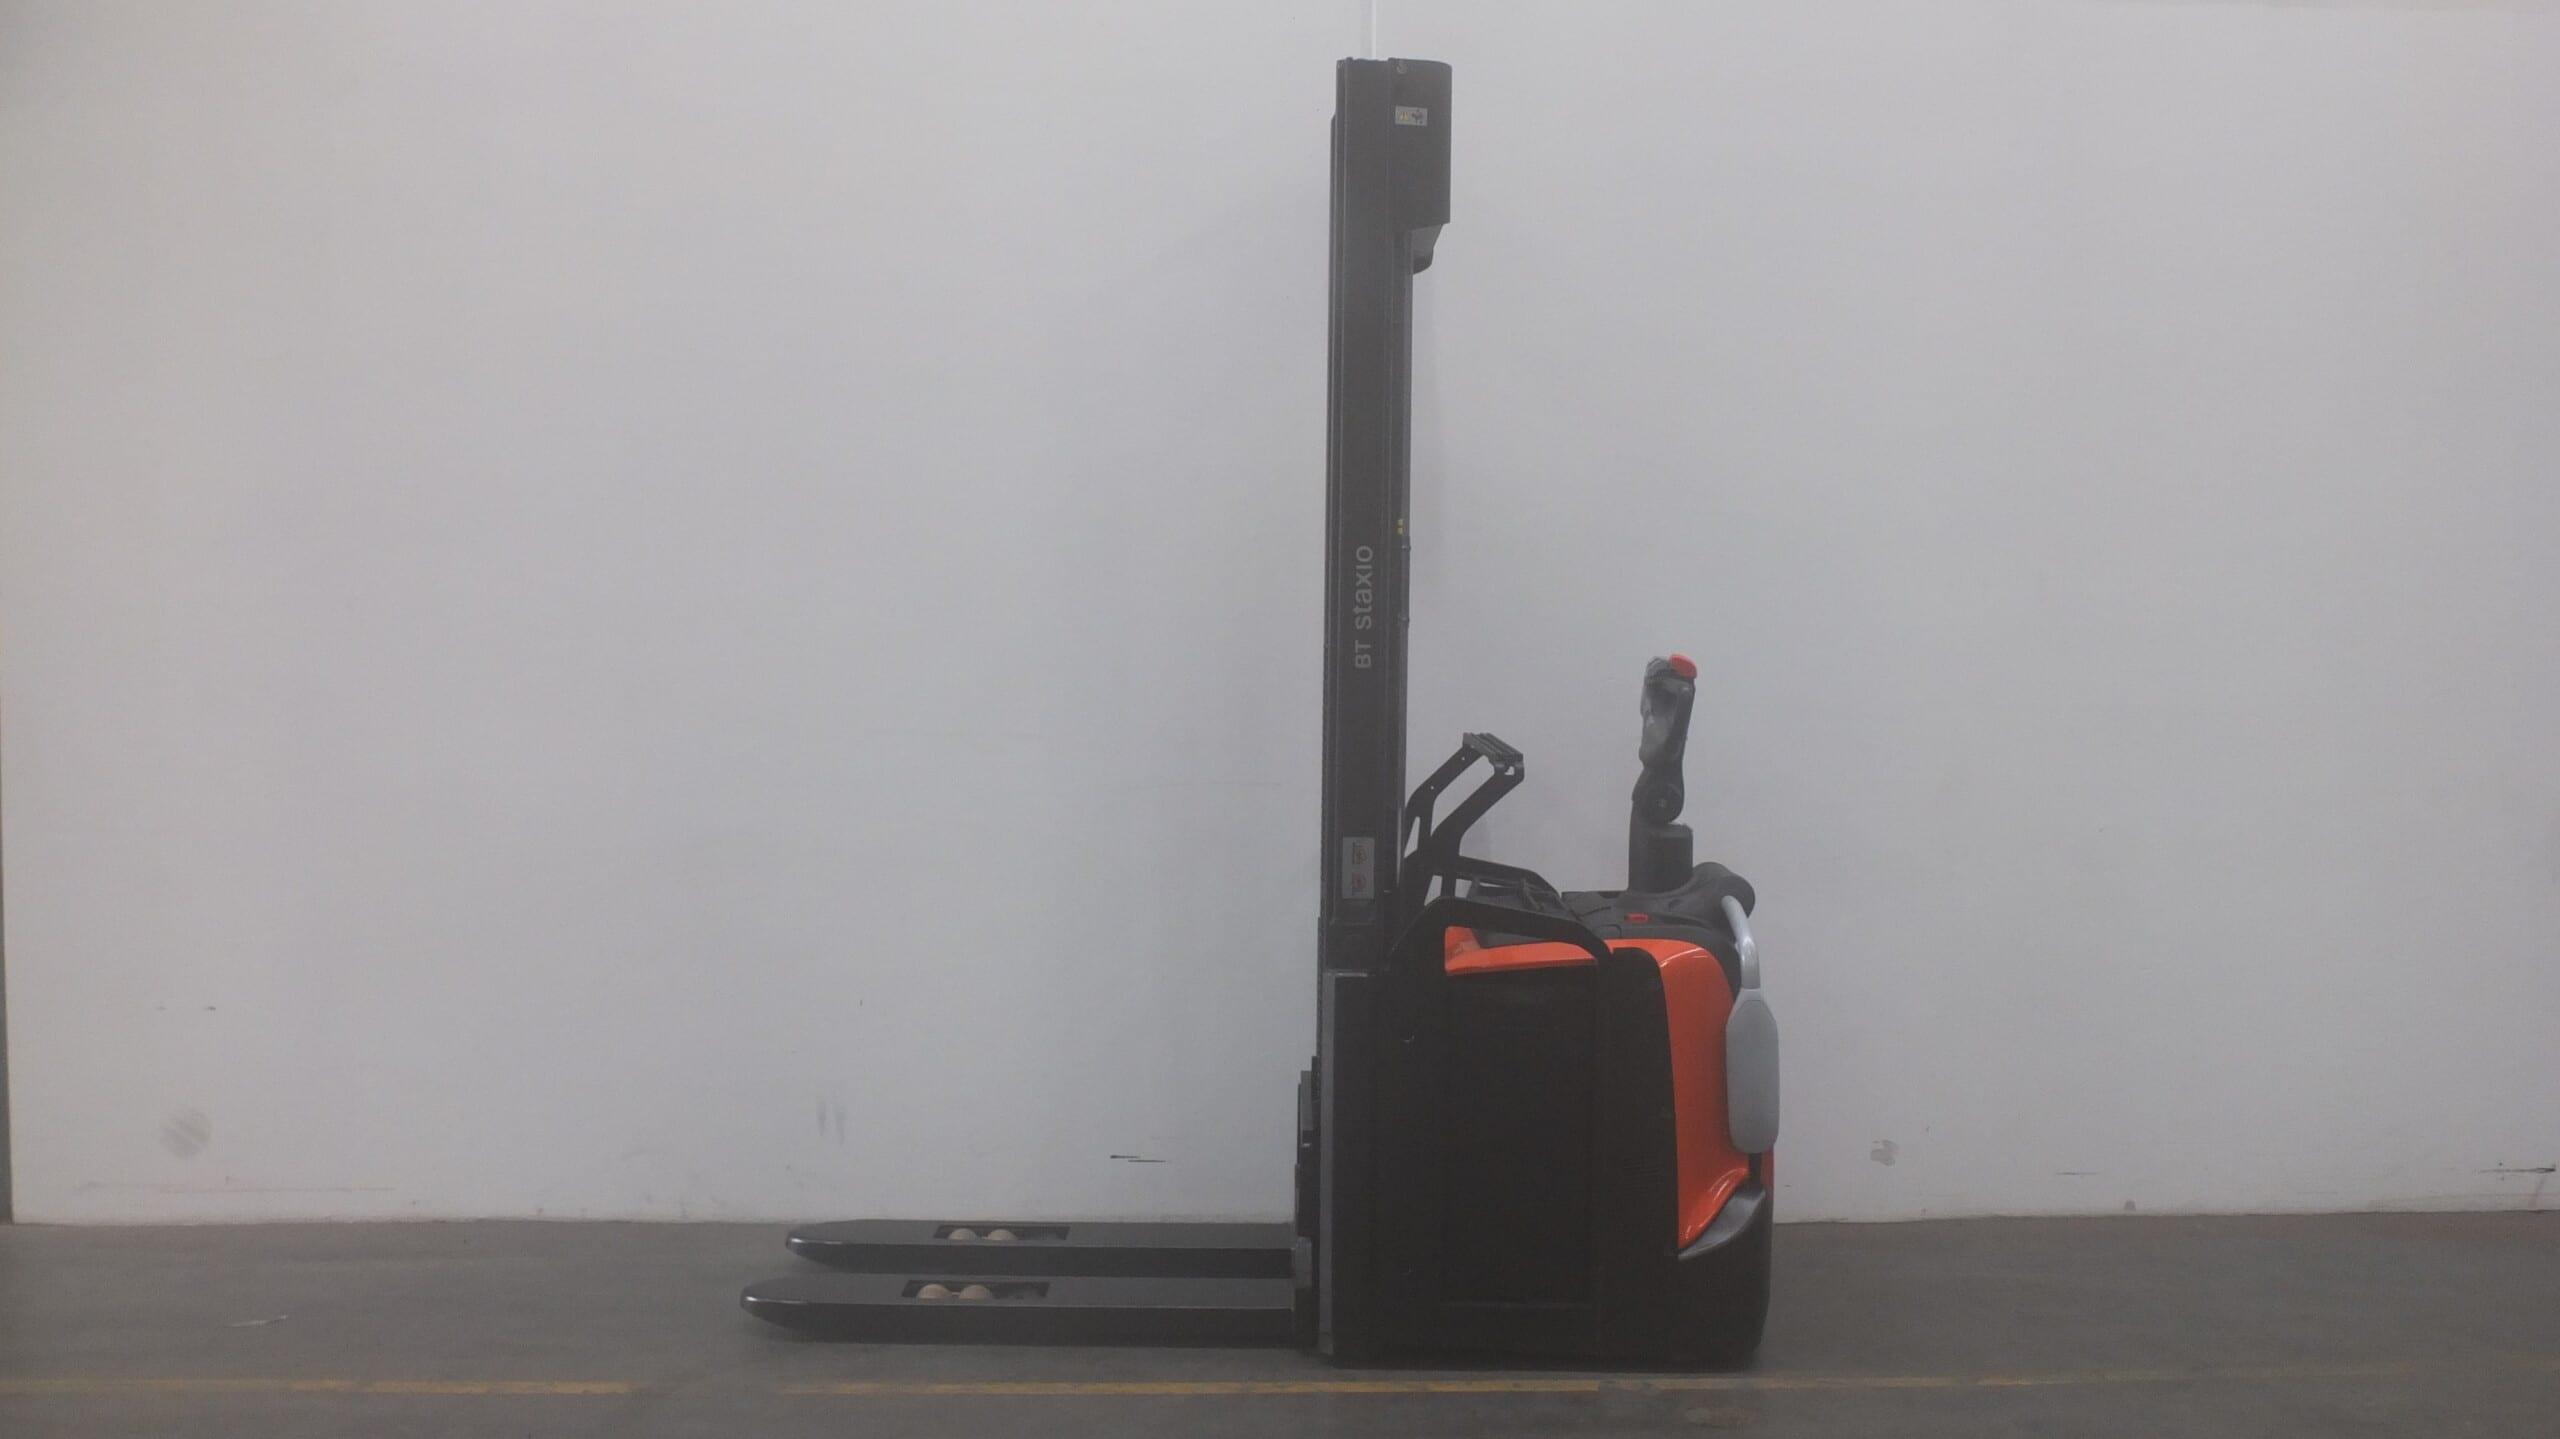 Toyota-Gabelstapler-59840 1710005330 1 scaled